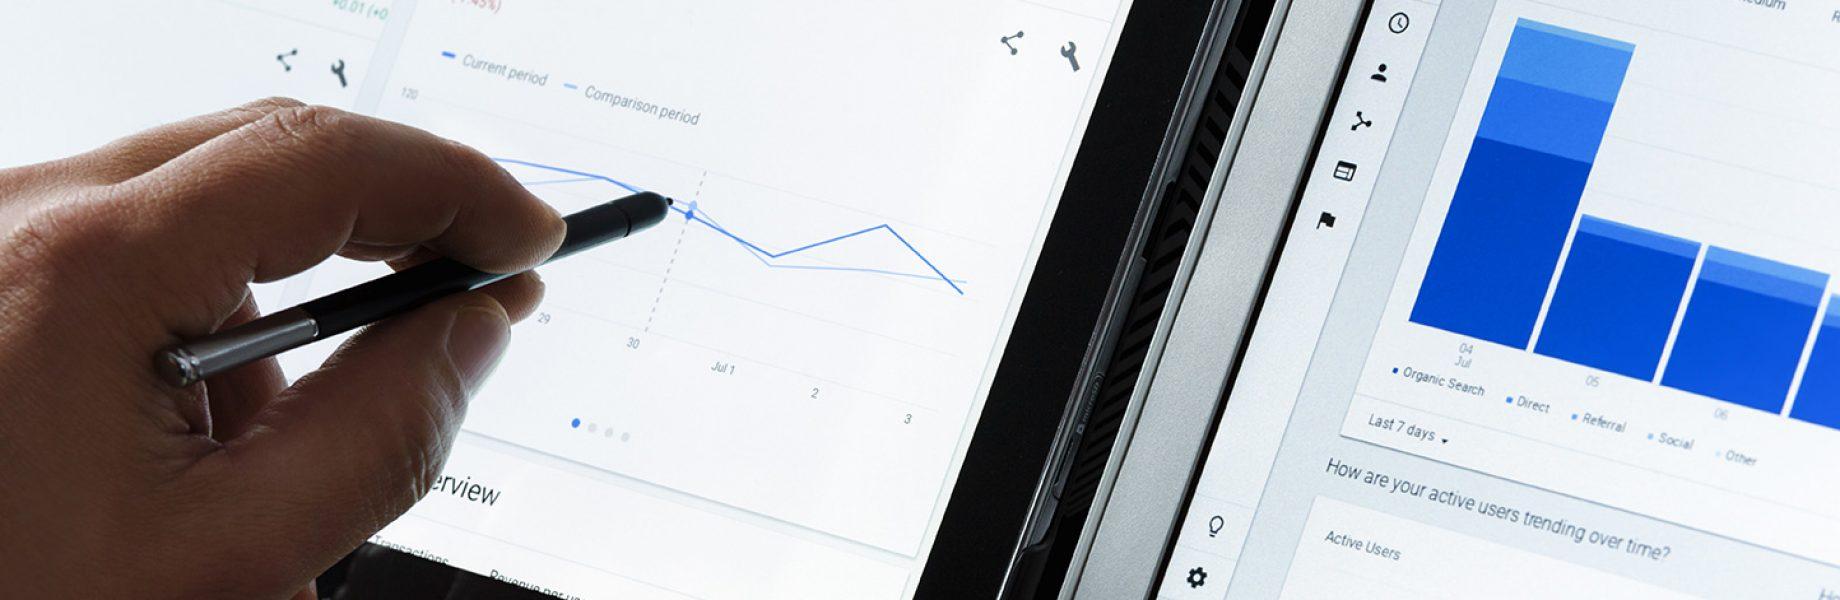 Suivre les conversions indirectes provenant d'appvizer dans Google Analytics